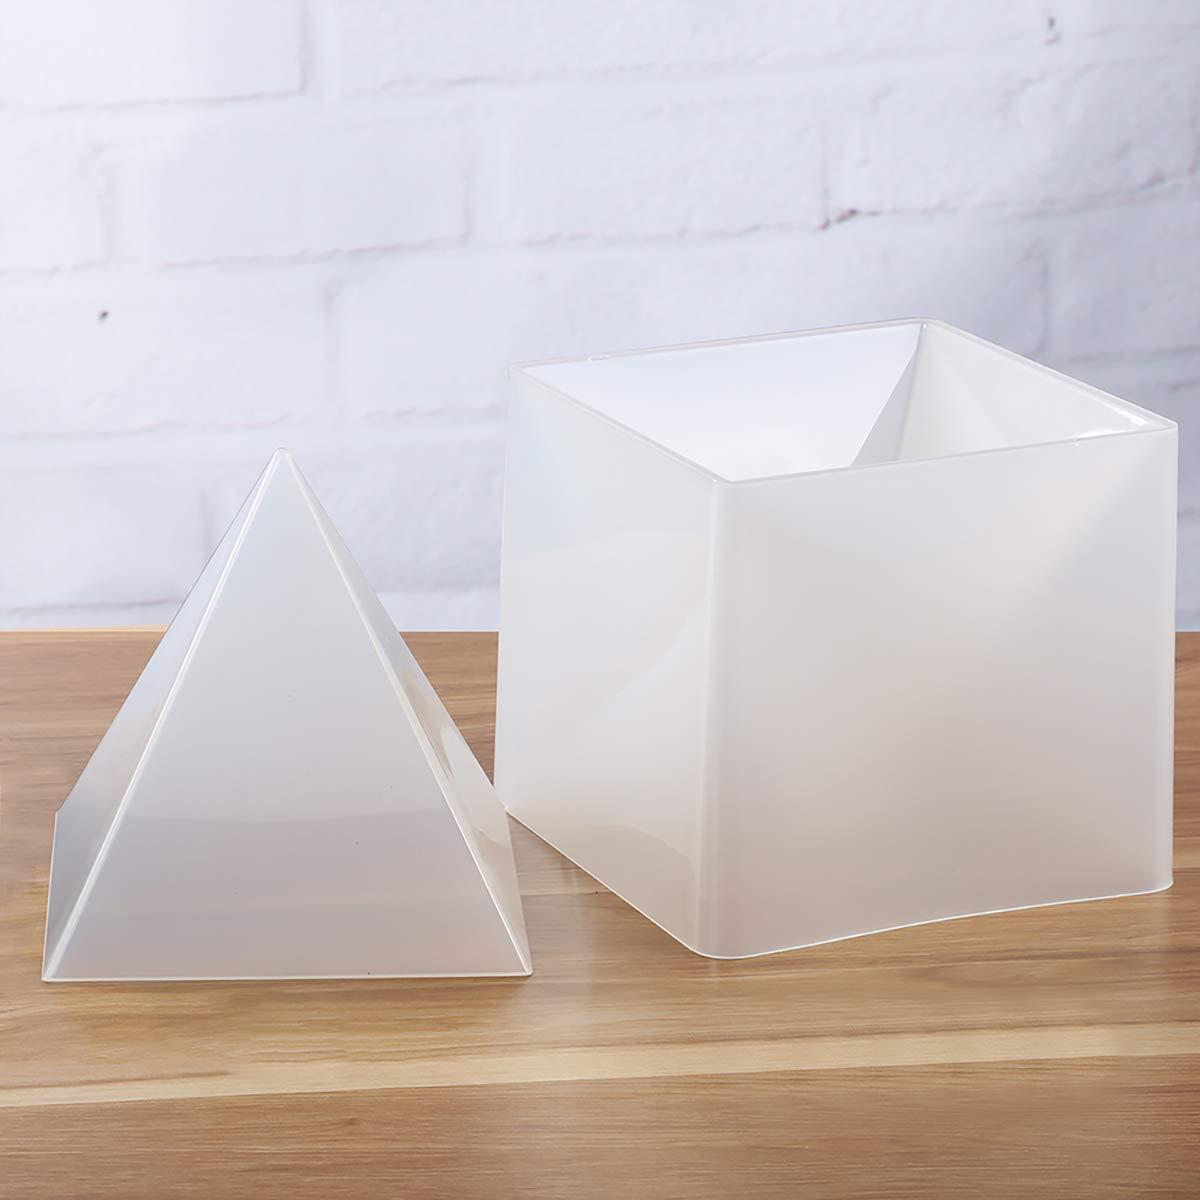 Shengyaju - Molde de silicona piramidal para bisutería, moldura líquida extra grande, 17 x 17 x 16 cm: Amazon.es: Juguetes y juegos